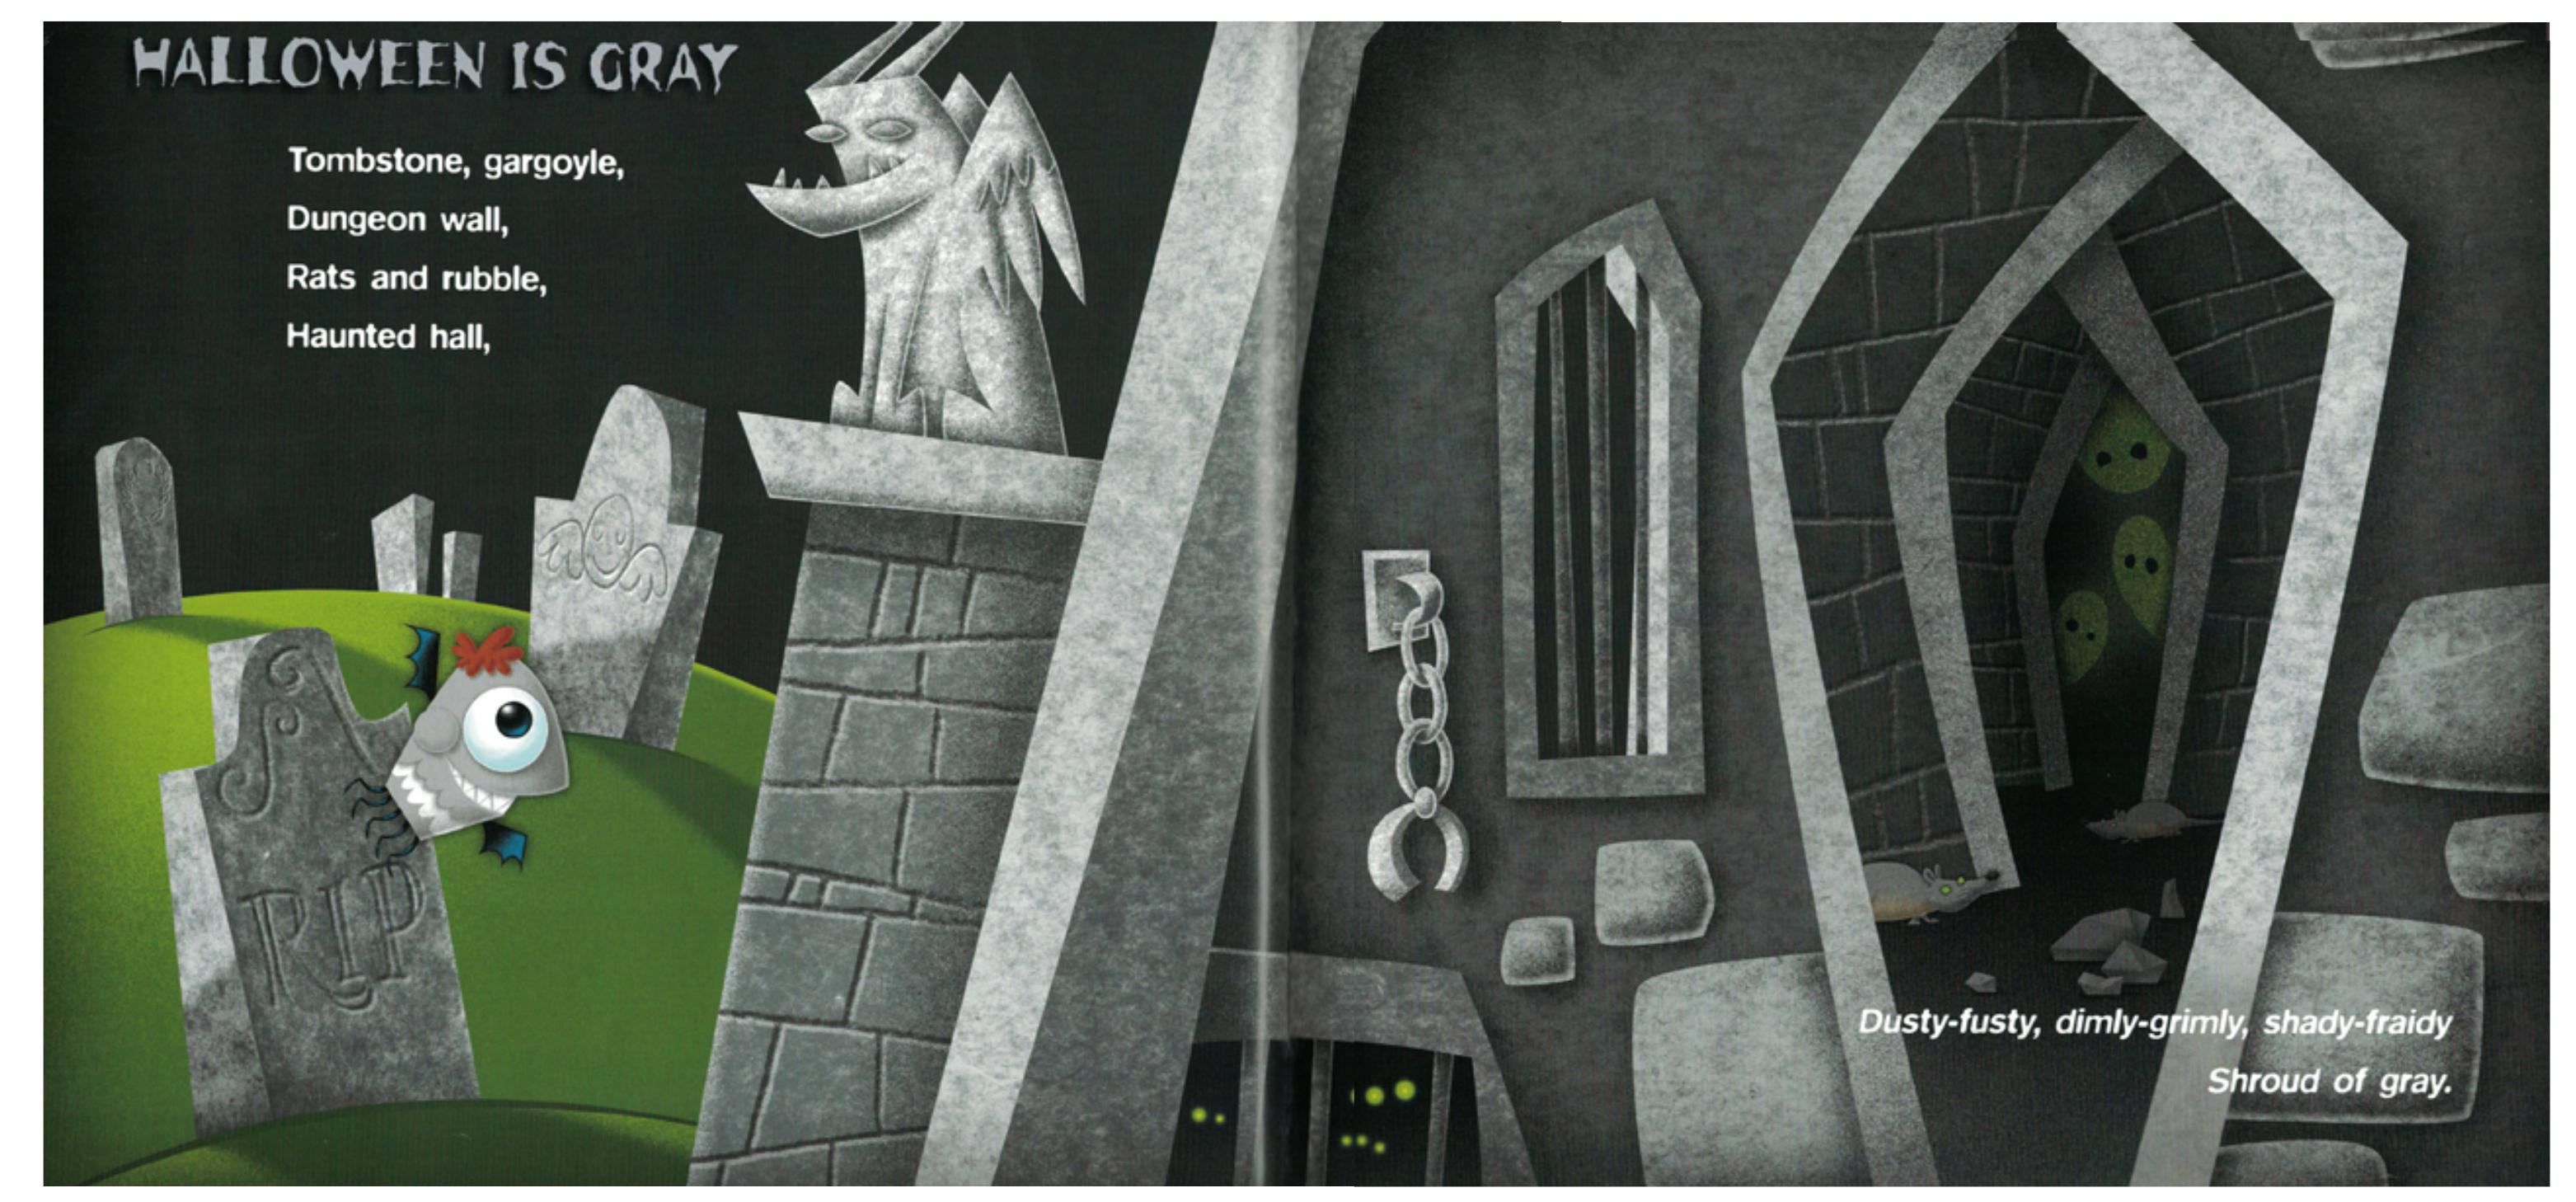 spooky-interior